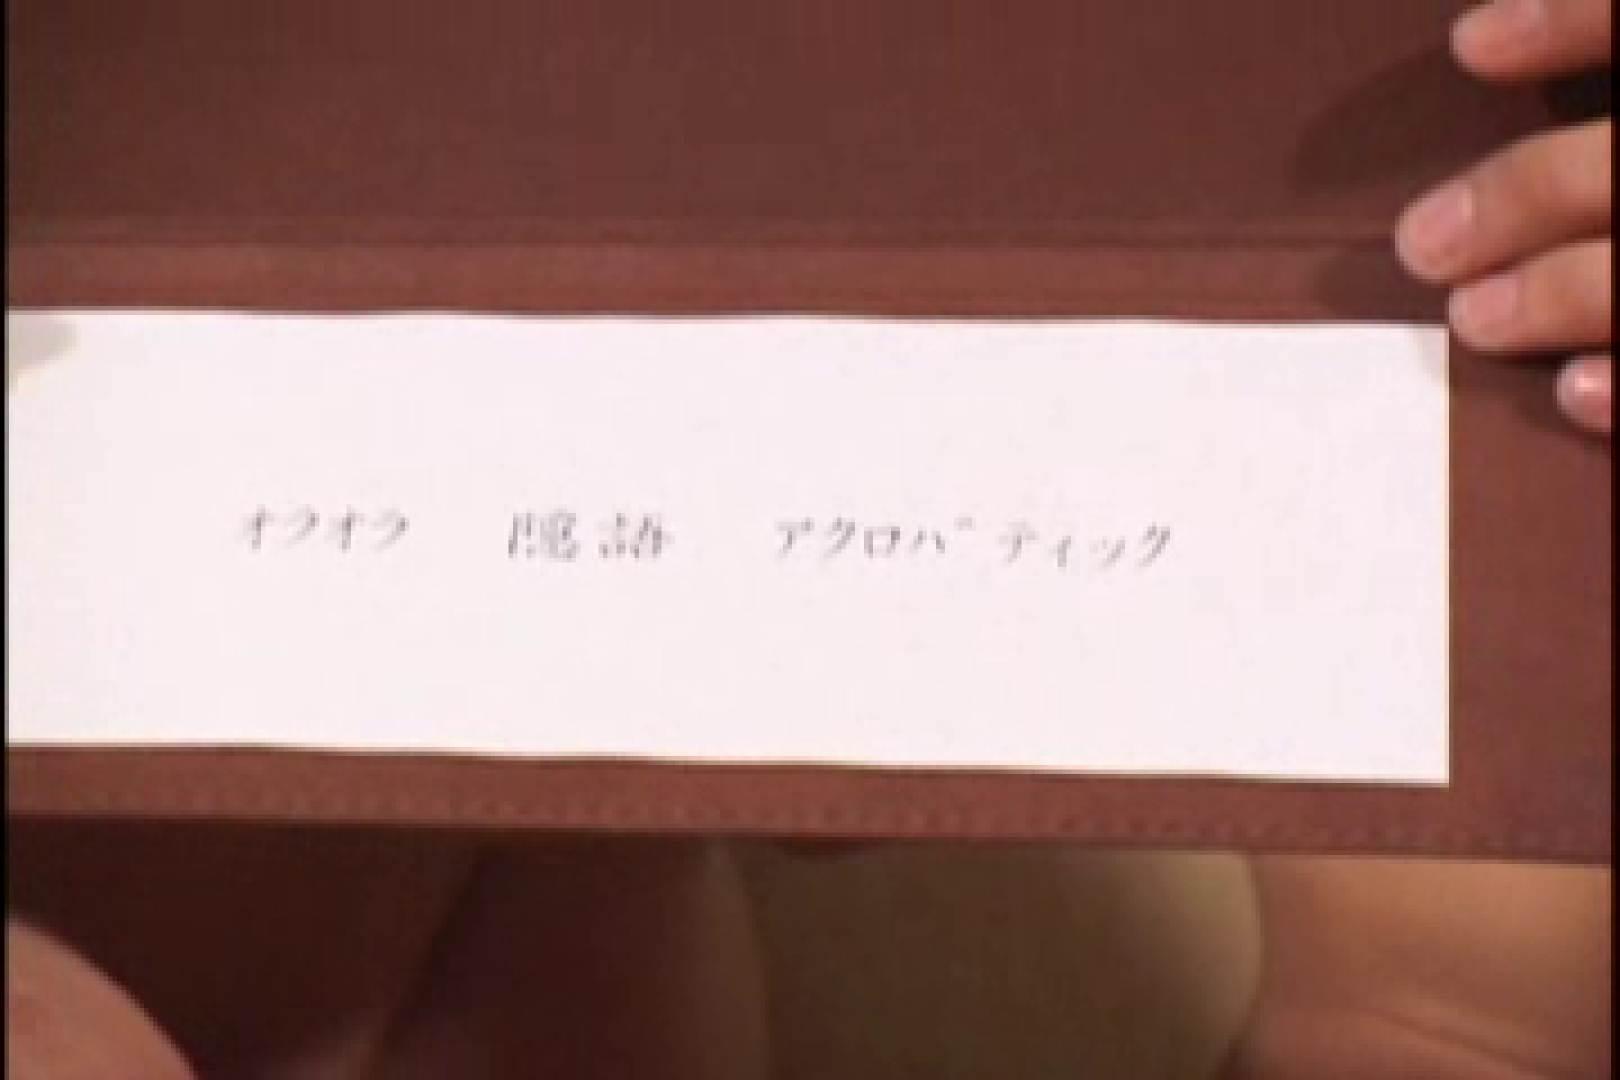 BEST OF イケメン!!男目線のガチSEX vol.04(対女性作品) 男  100pic 61